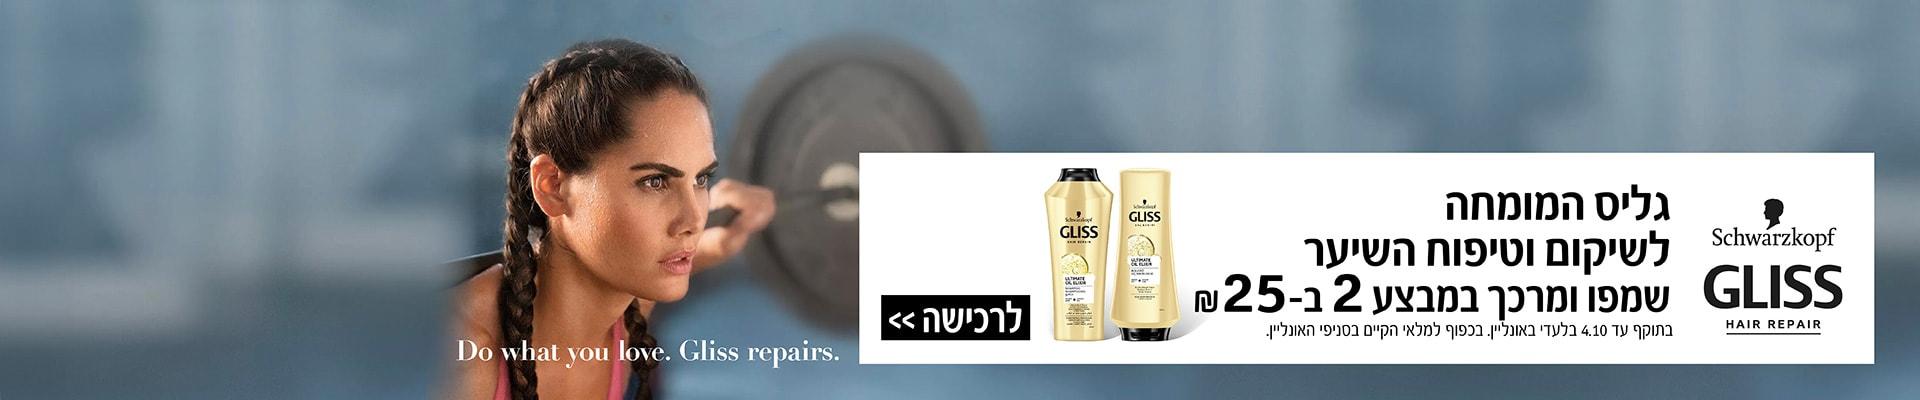 גליס המומחה לשיקום וטיפו השיער שמפו ומרכך במבצע 2 ב- 25 ₪. בתוקף עד 4.10. בלעדי באונליין. בכפוף למלאי הקיים בסניפי האונליין